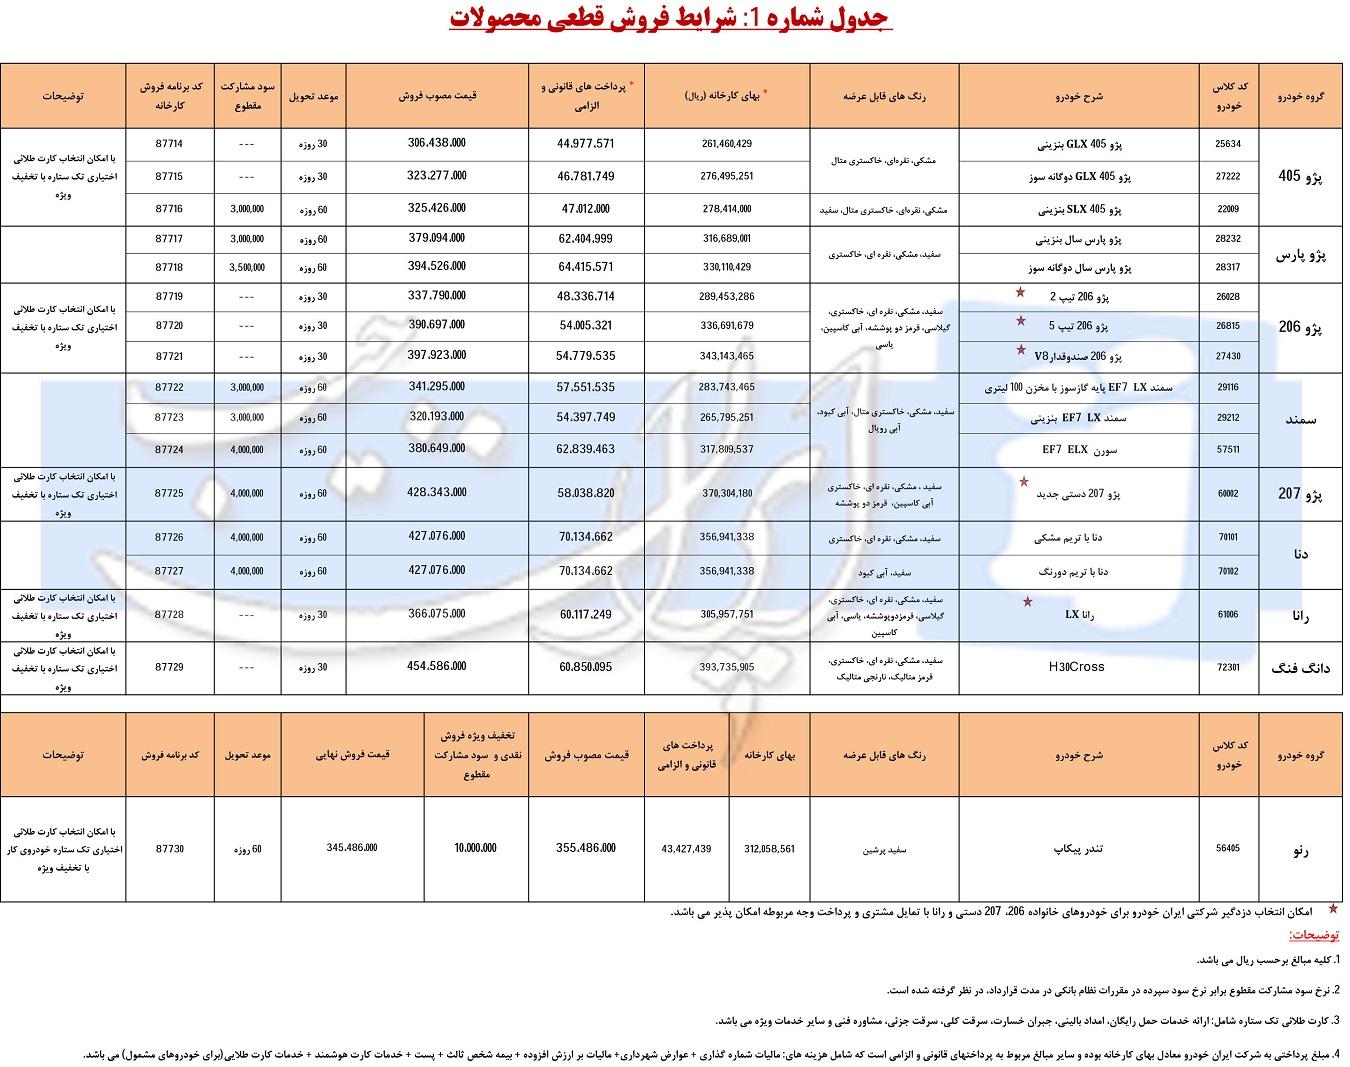 شرایط فروش نقد و اقساط محصولات ایران خودرو با قیمت قطعی ویژه دهه مبارک فجر (بهمن 96)